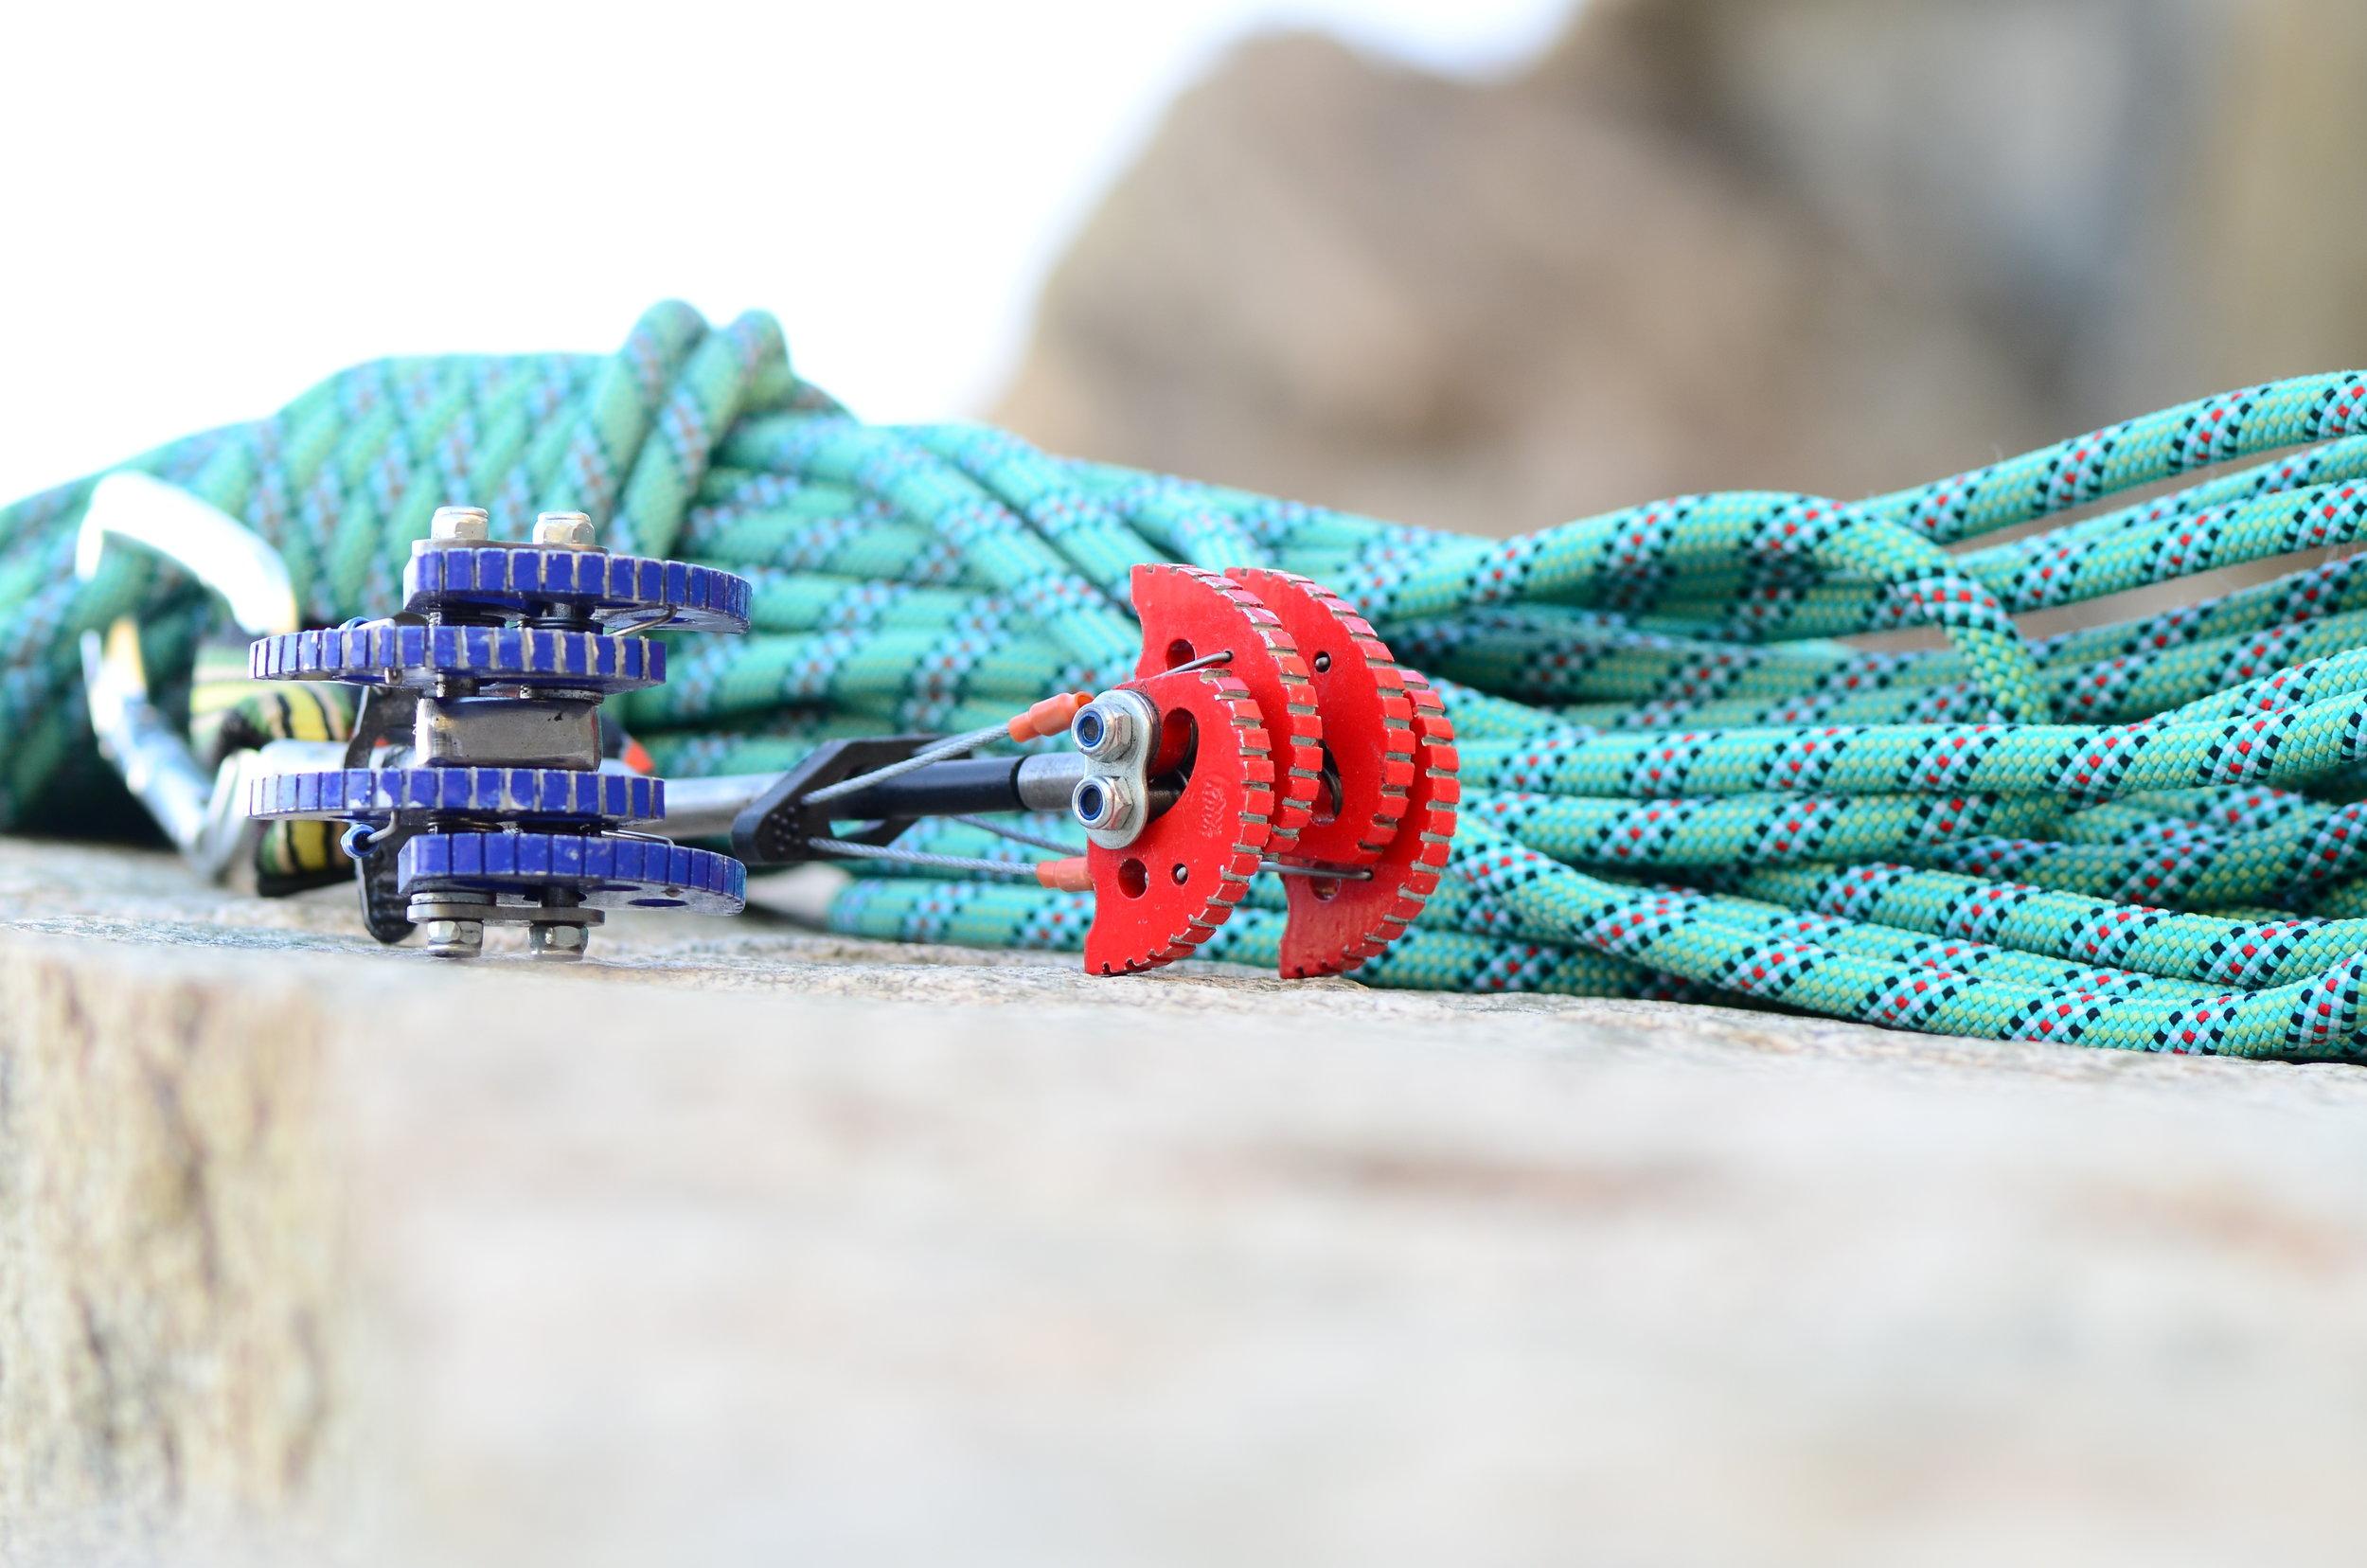 MissAdventure ropes